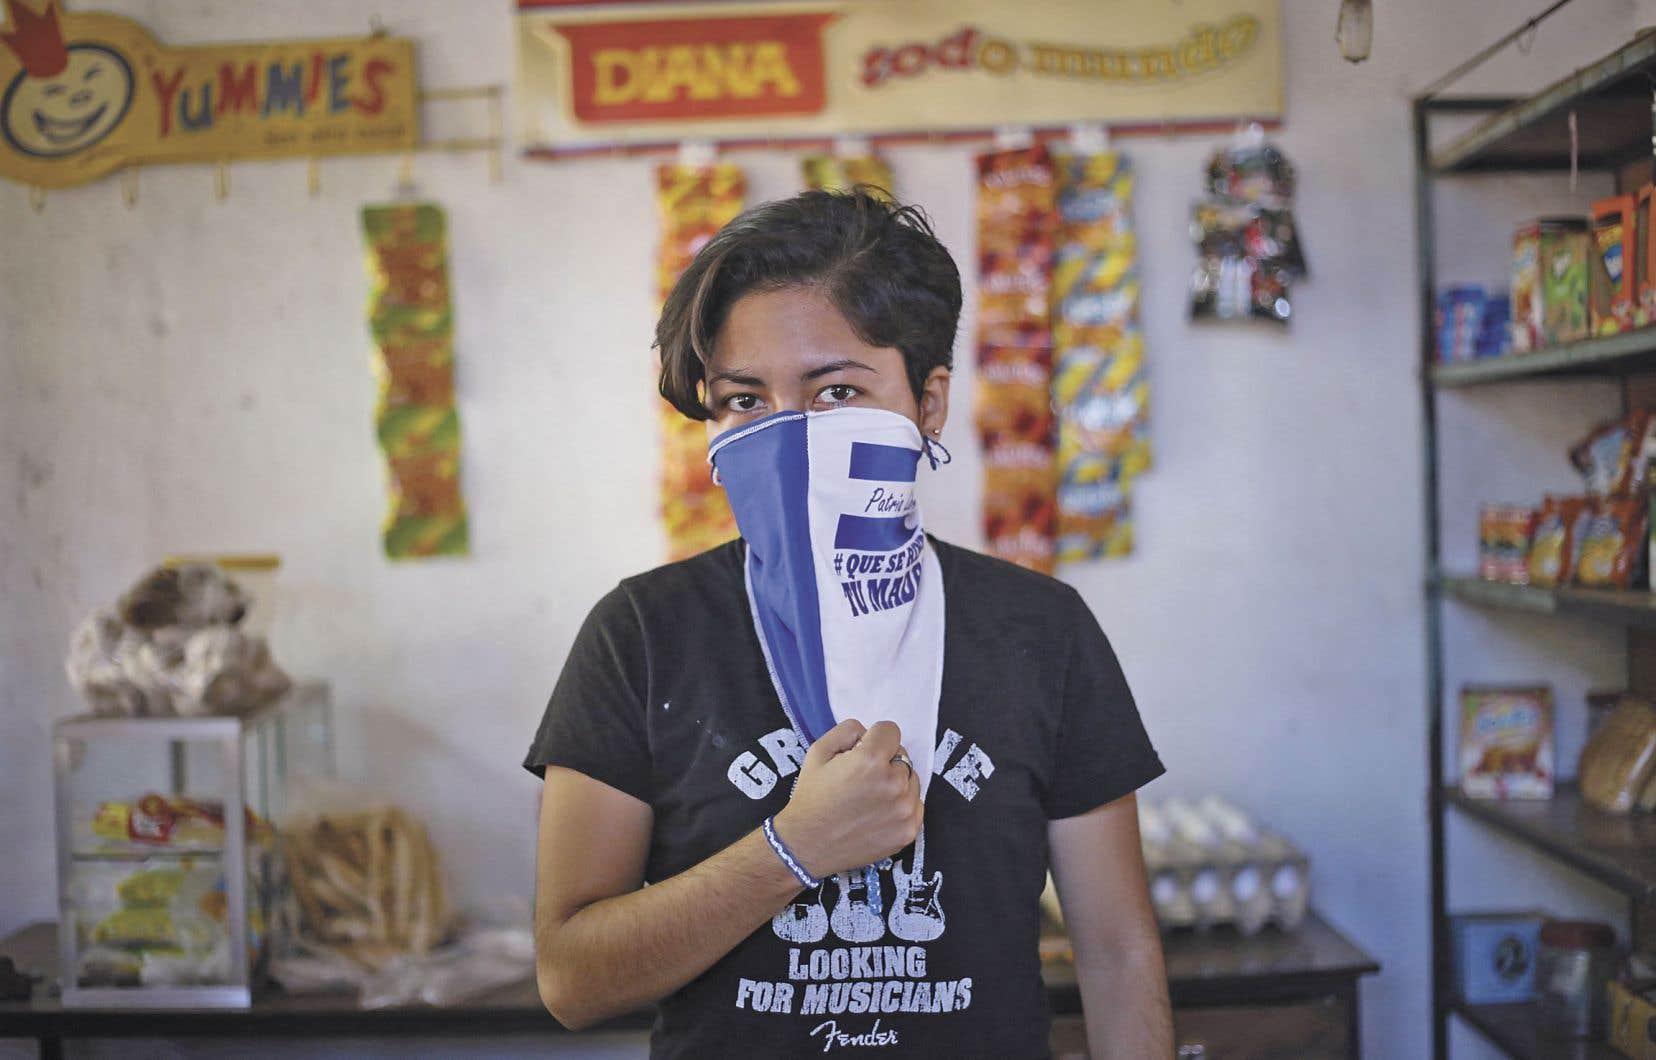 Ana Gabriela Nicaragua, étudiante, a été arrêtée puis emprisonnée après avoir protesté plusieurs mois contre le président Ortega.